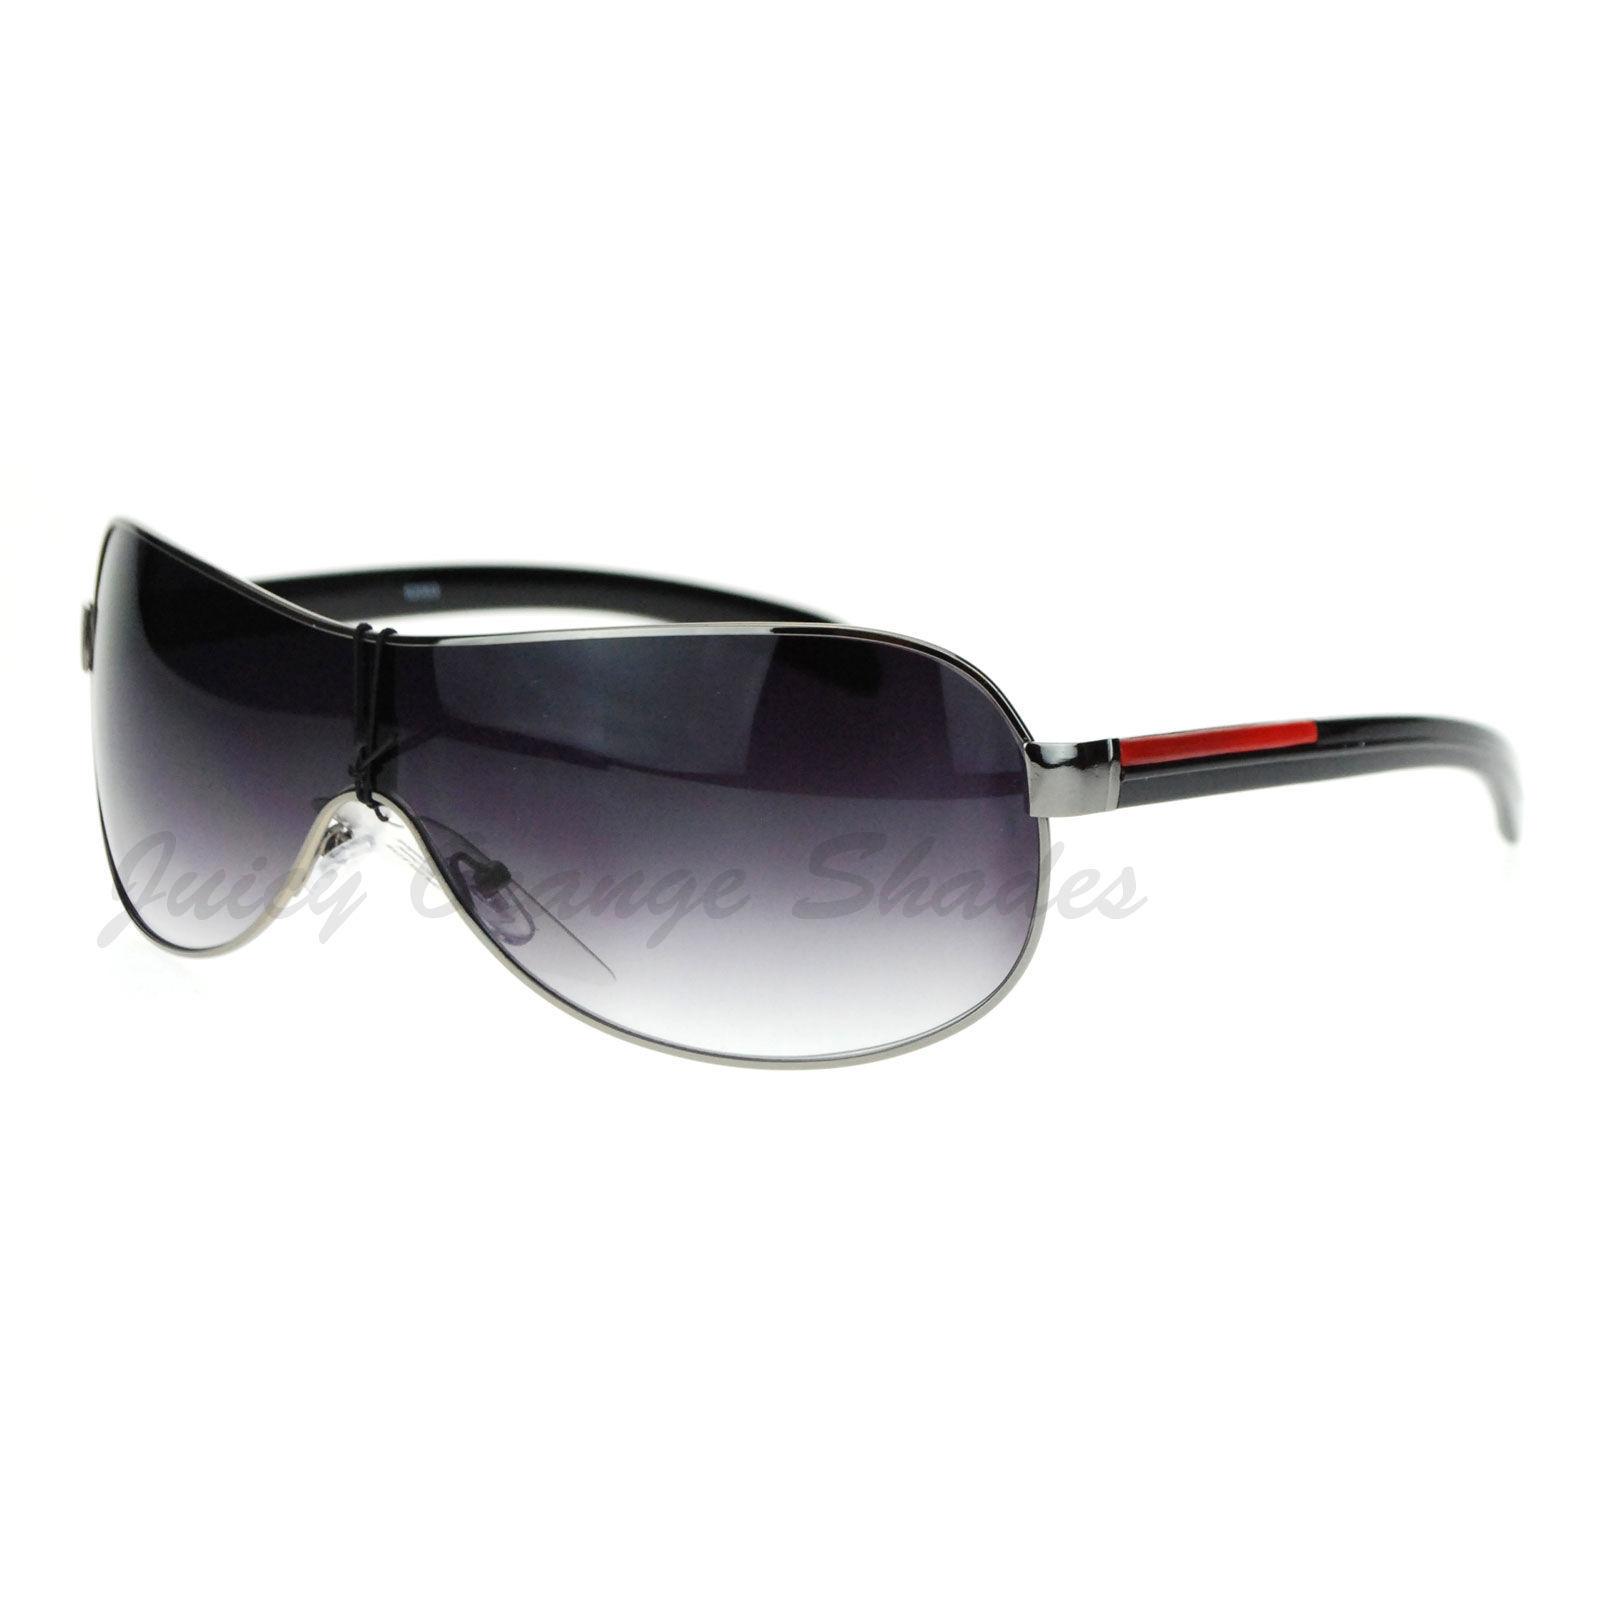 Gold Frame Rectangular Sunglasses : gold frame designer sunglasses